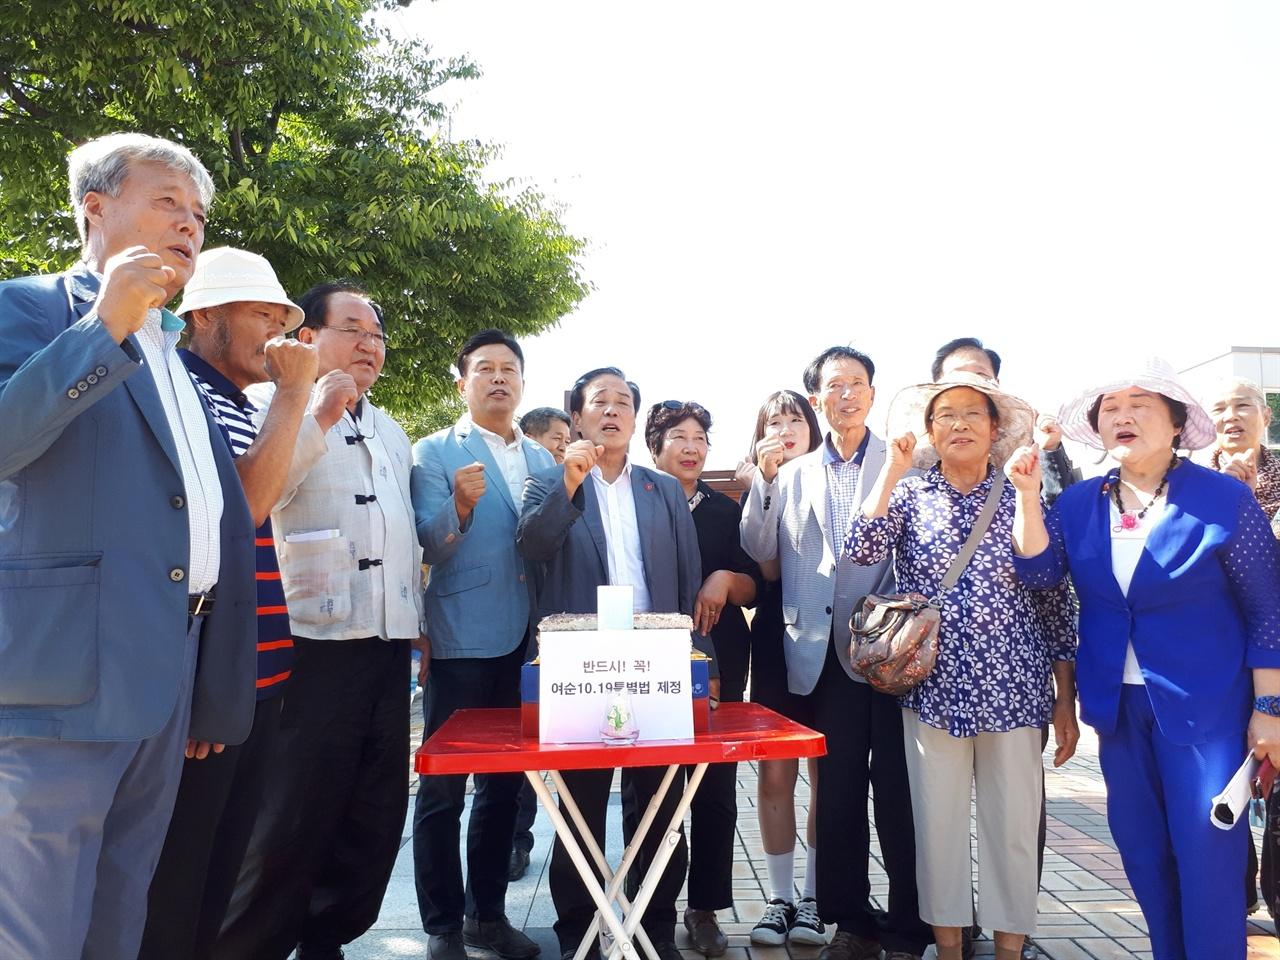 특별법 제정을 기원하는 유가족들 9월 4일 순천역 광장에서 여순 특별법 제정을 촉구하며 열린 캠프 개소식에서 유가족들이  준비한 팥시루떡에  불을 켜며 기원하고 있다.